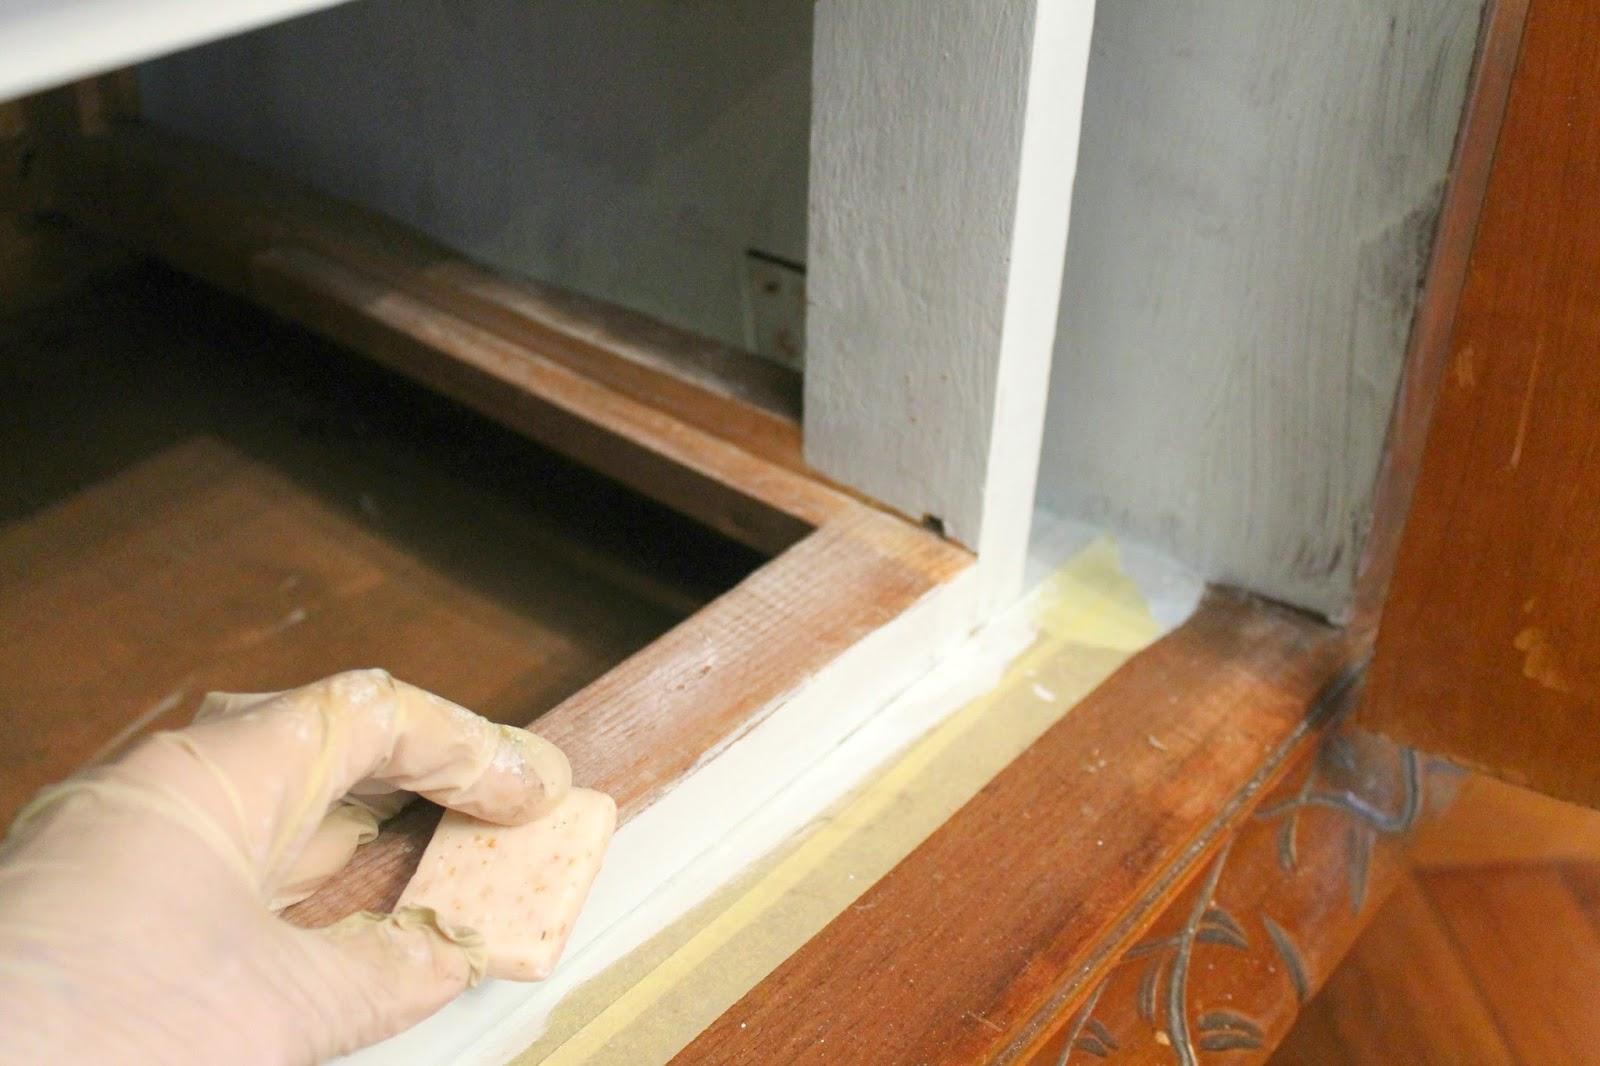 Good passate dove necessario un pezzo di sapone sfregando bene per risolvere with come - Verniciare una porta in legno ...